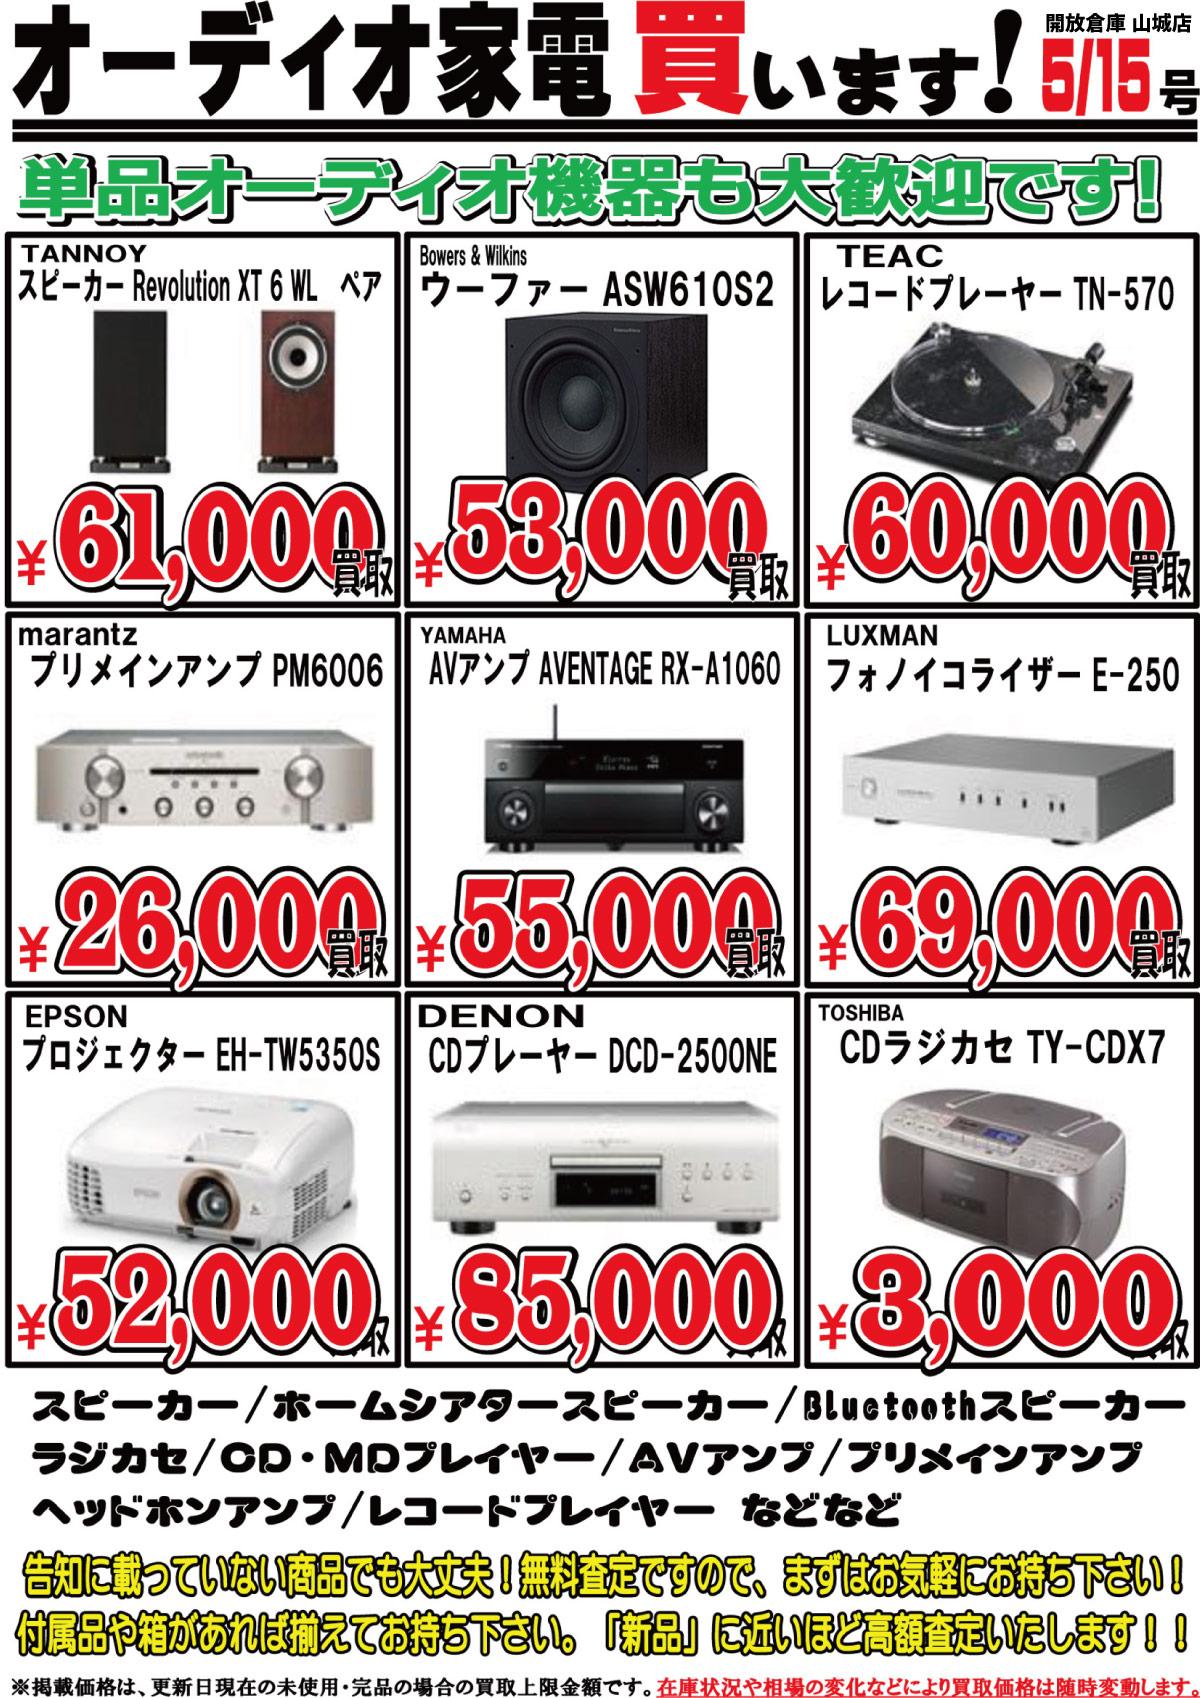 「開放倉庫山城店」オーディオ家電買います!単品オーディオ機器も大歓迎です!(2017.05.15)